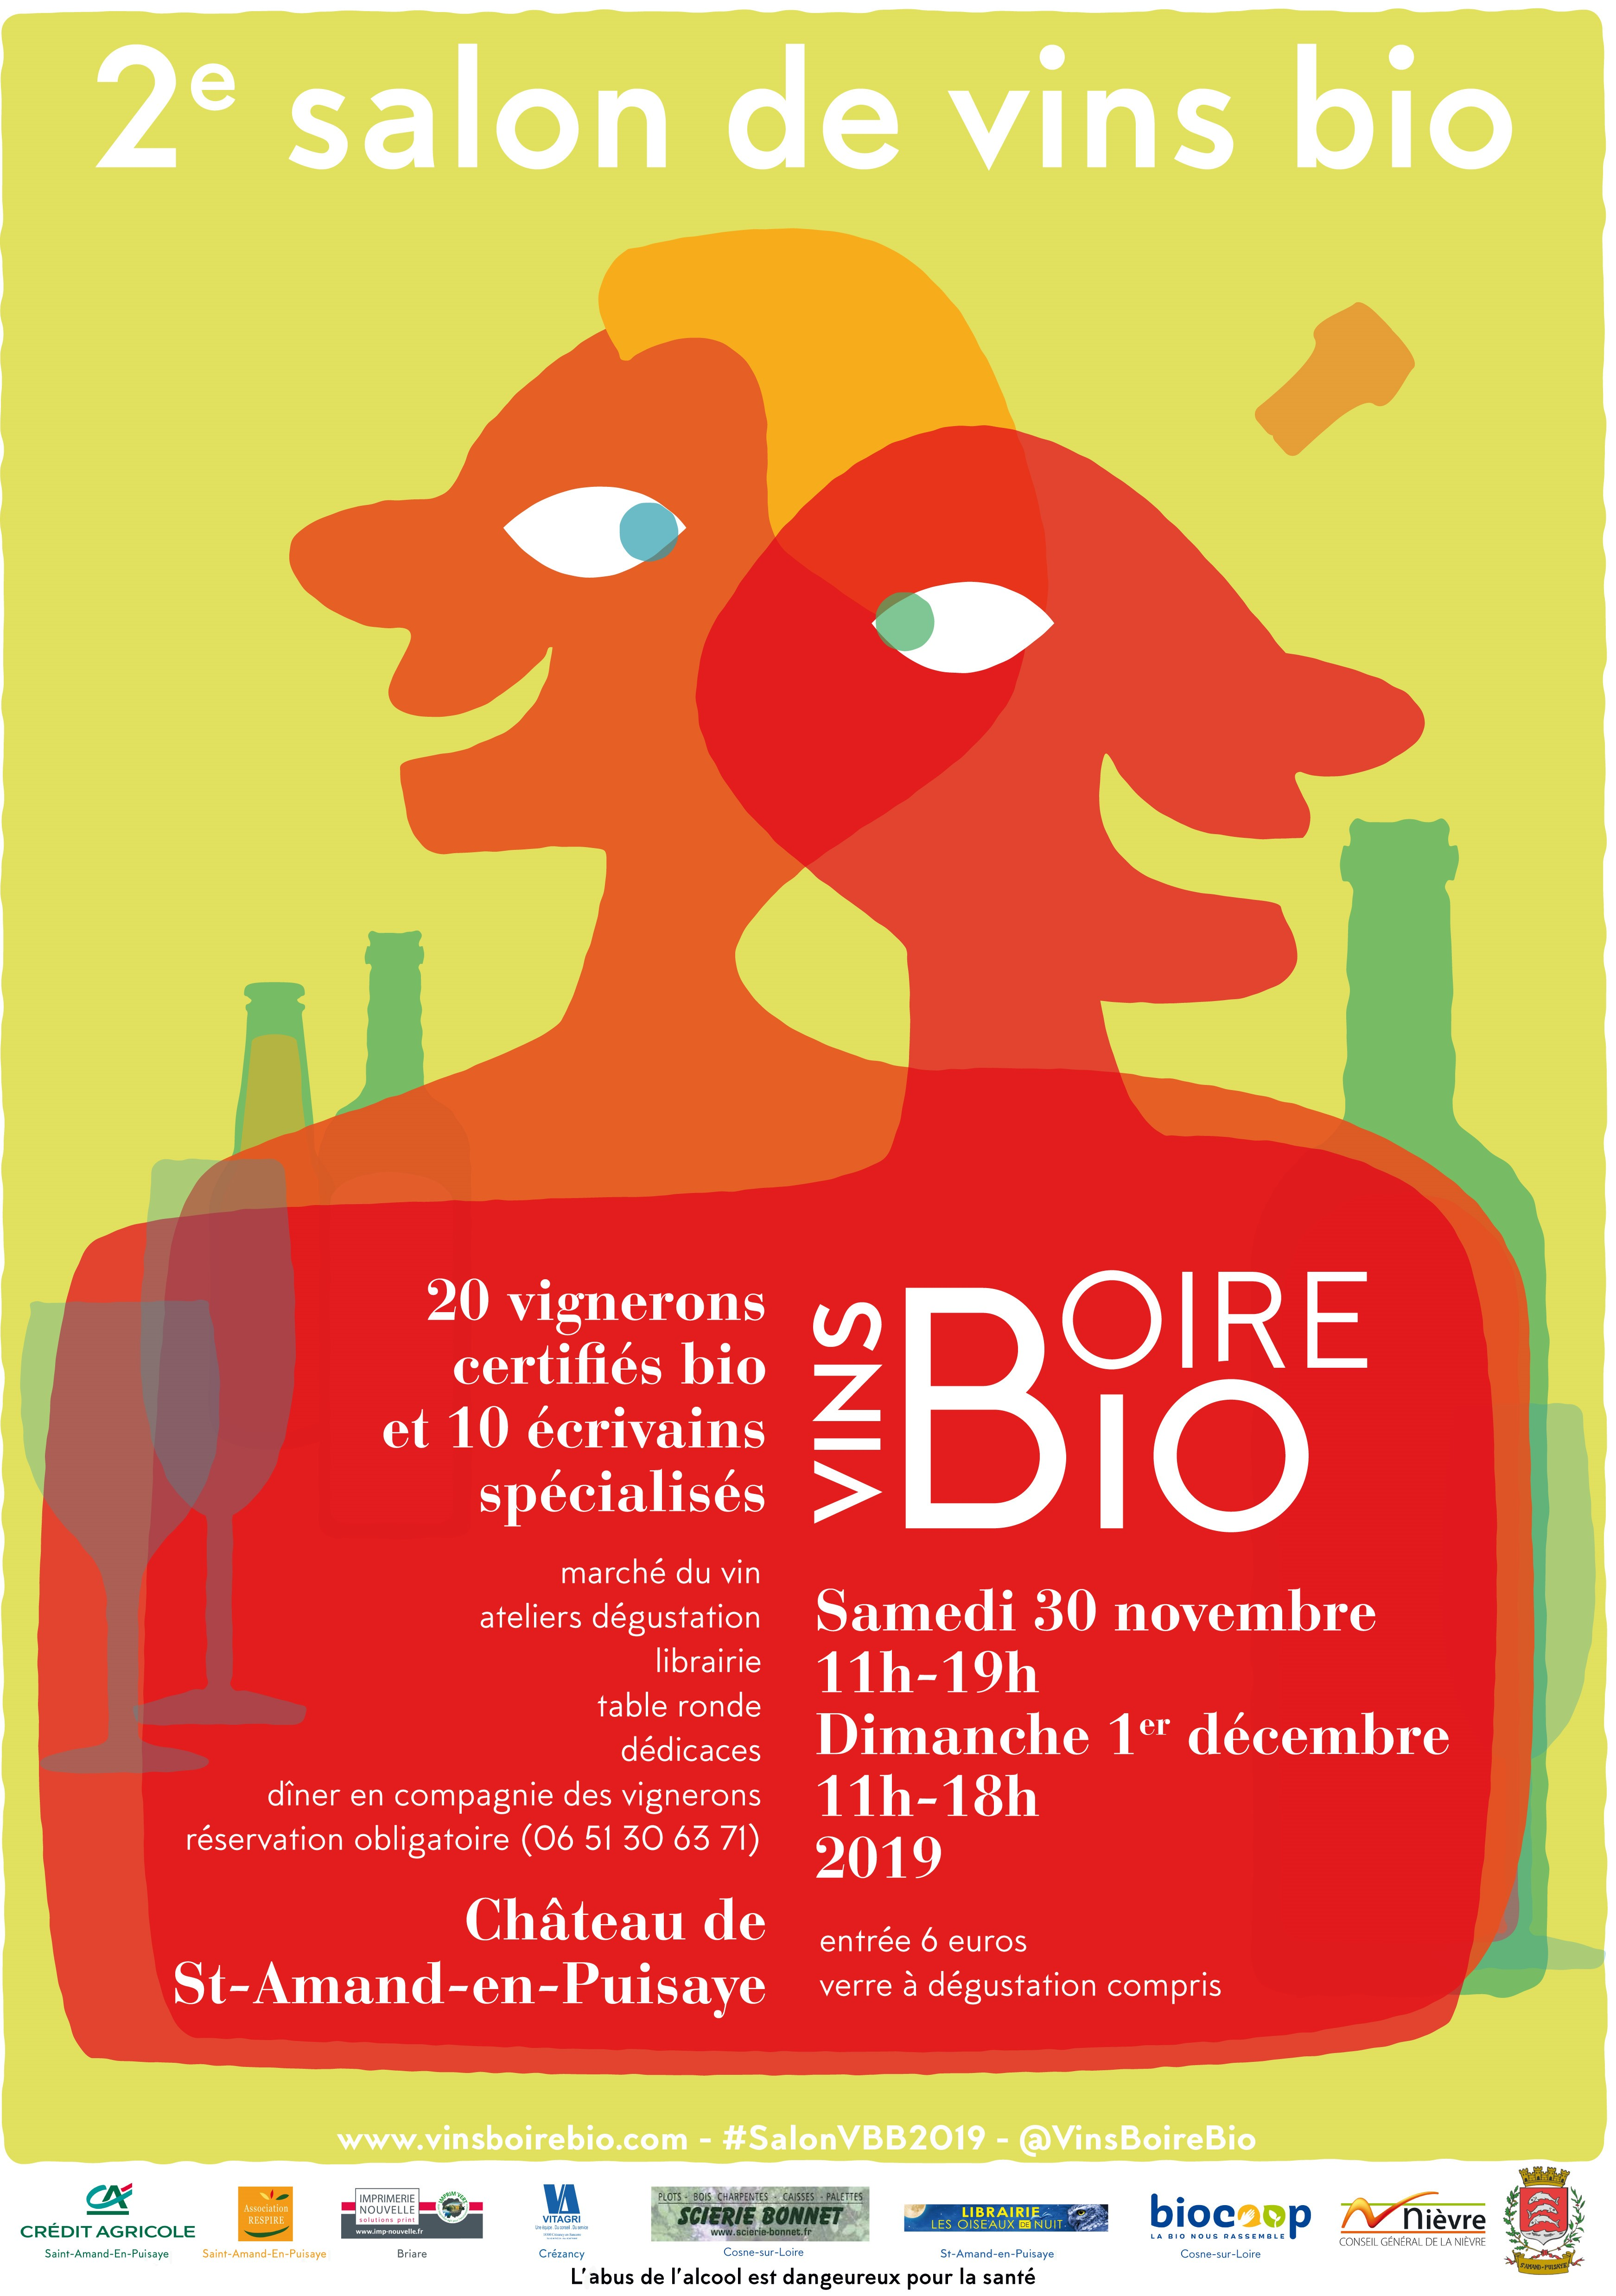 Welcome to Domaine de Valmengaux  David & Valérie VALLET